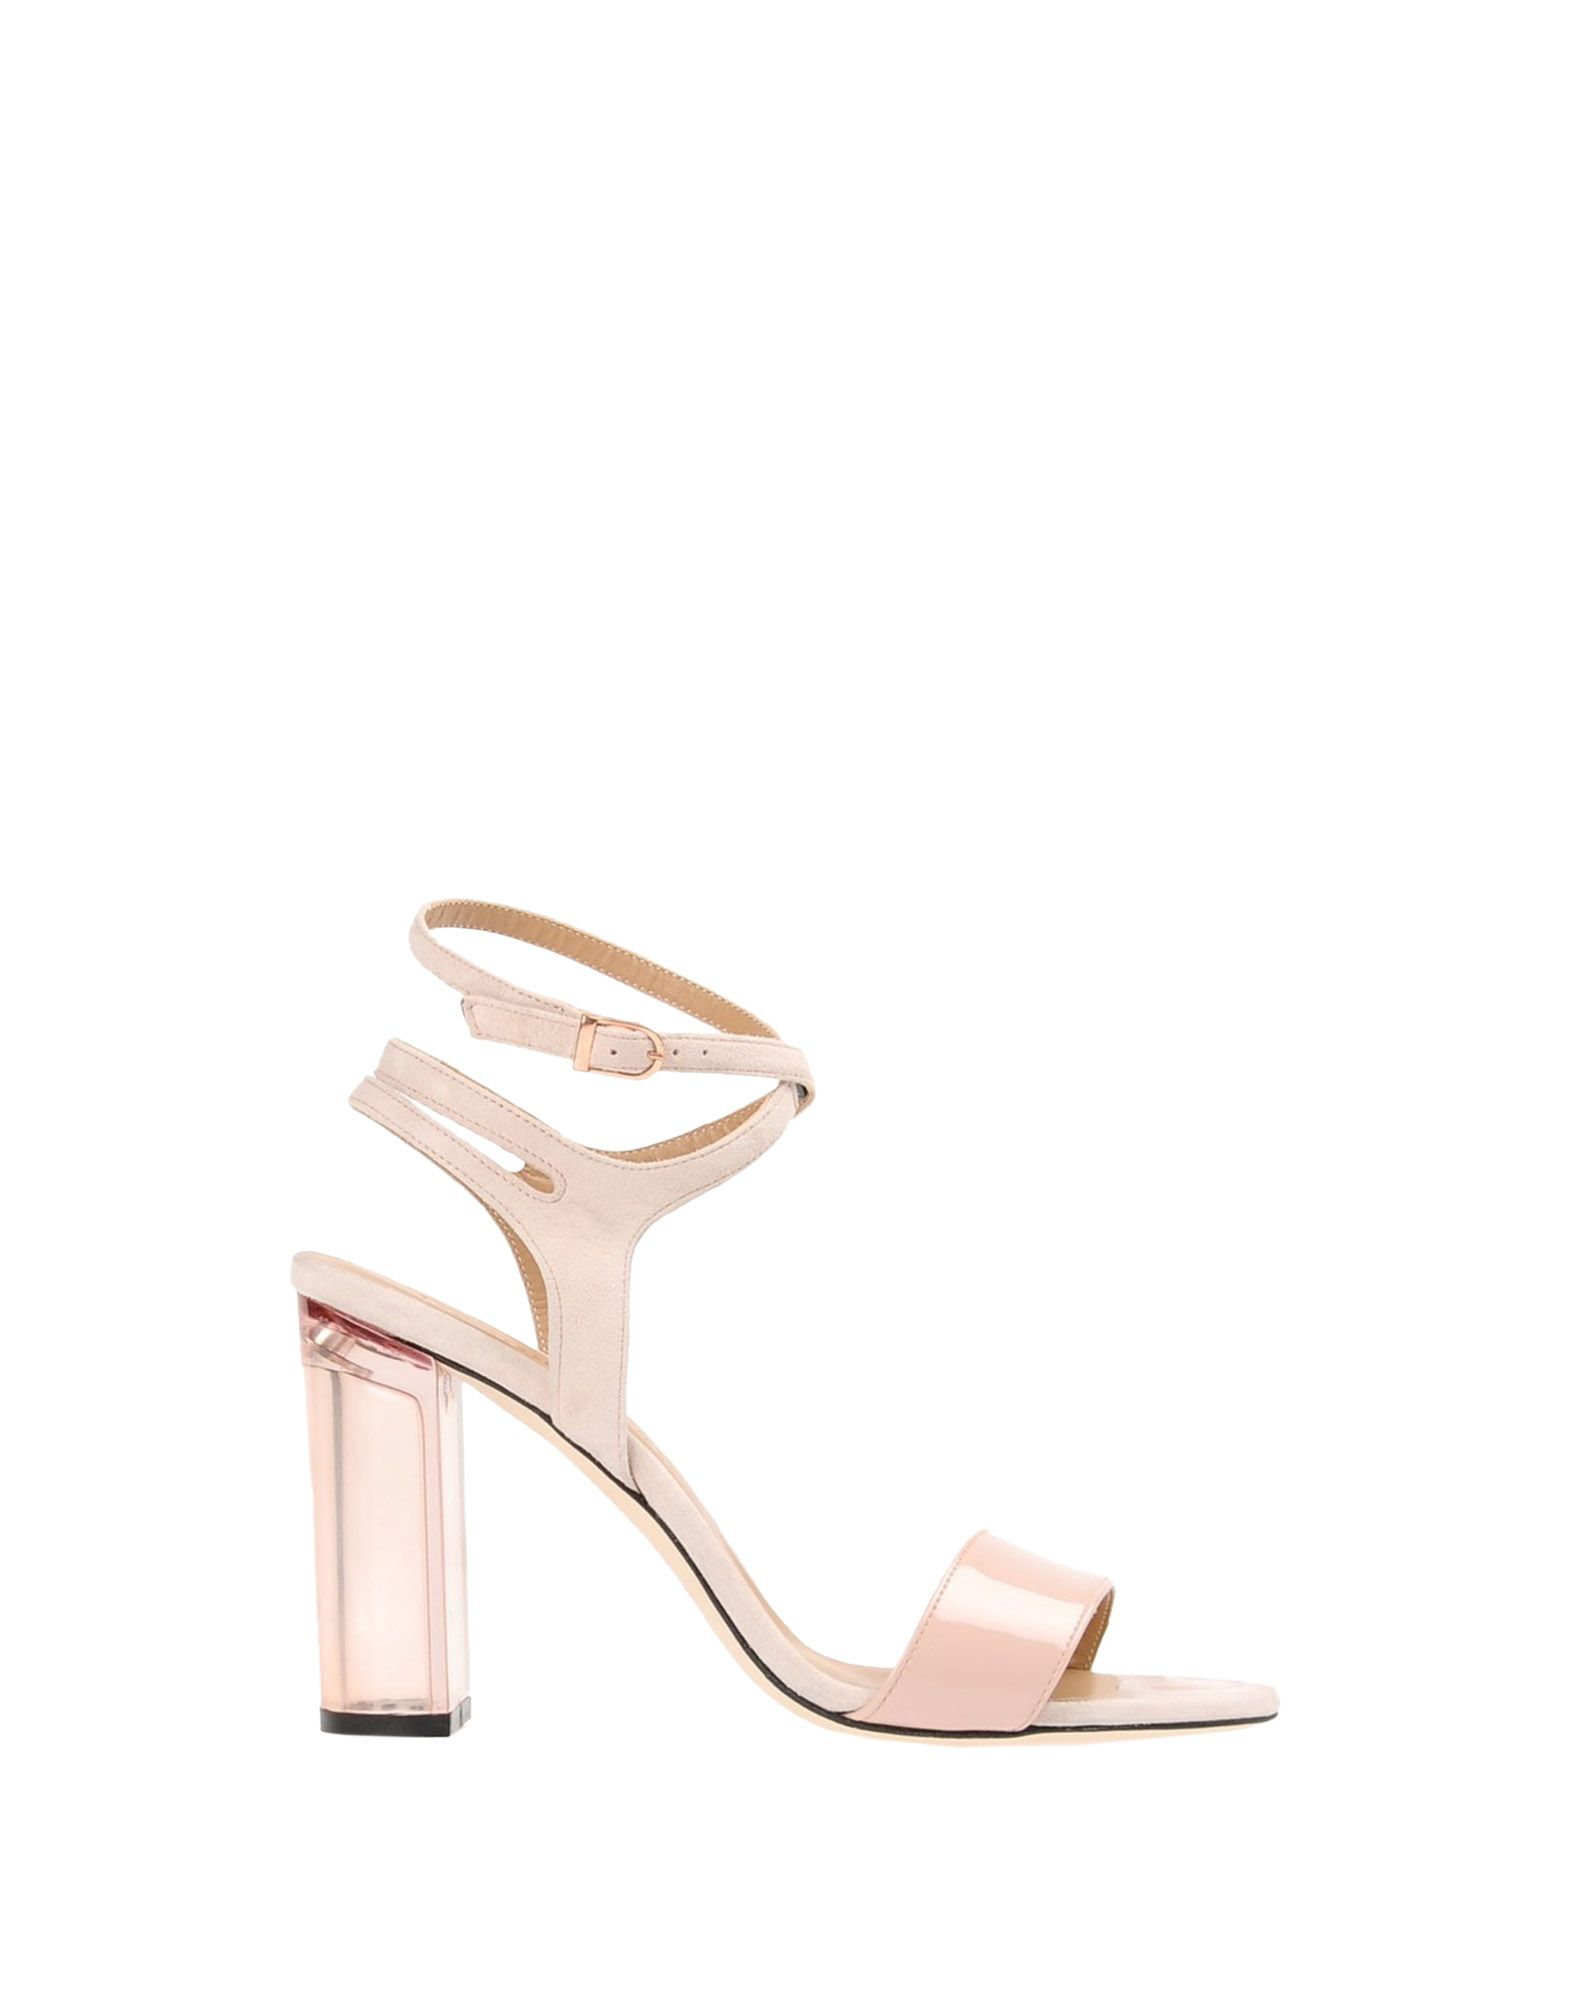 Stilvolle billige Schuhe Marc Ellis Sandalen Damen  11414792MS 11414792MS 11414792MS b78592